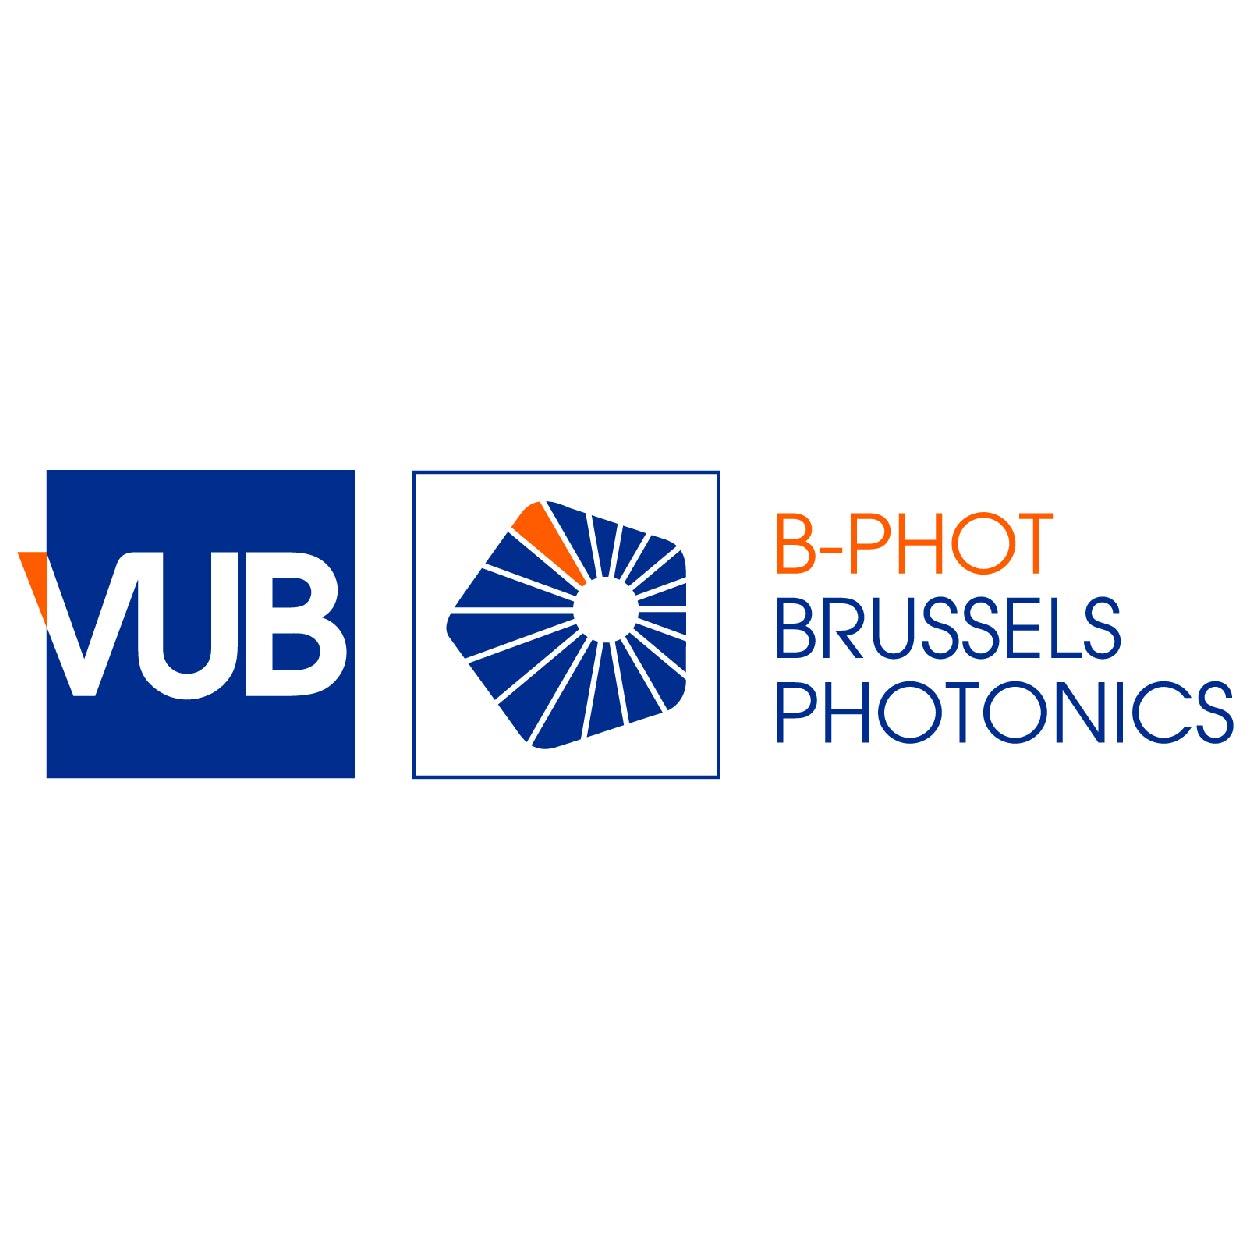 B-PHOT Brussels Photonics logo